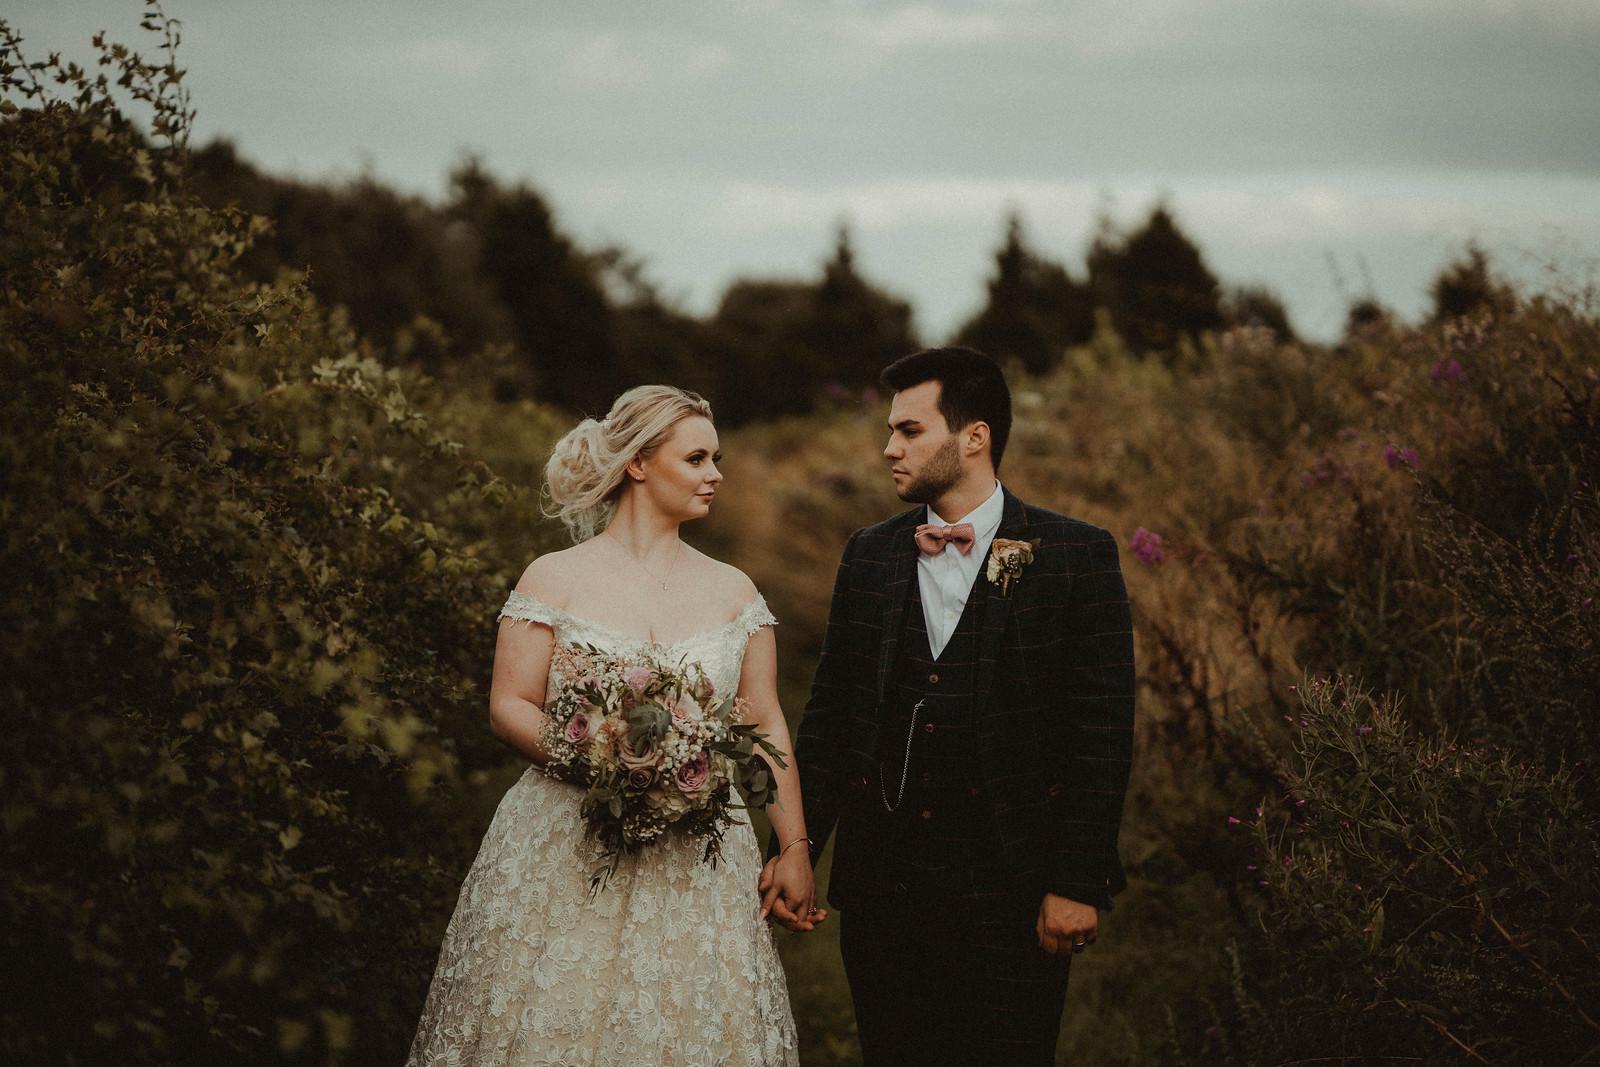 Rustic style wedding photo